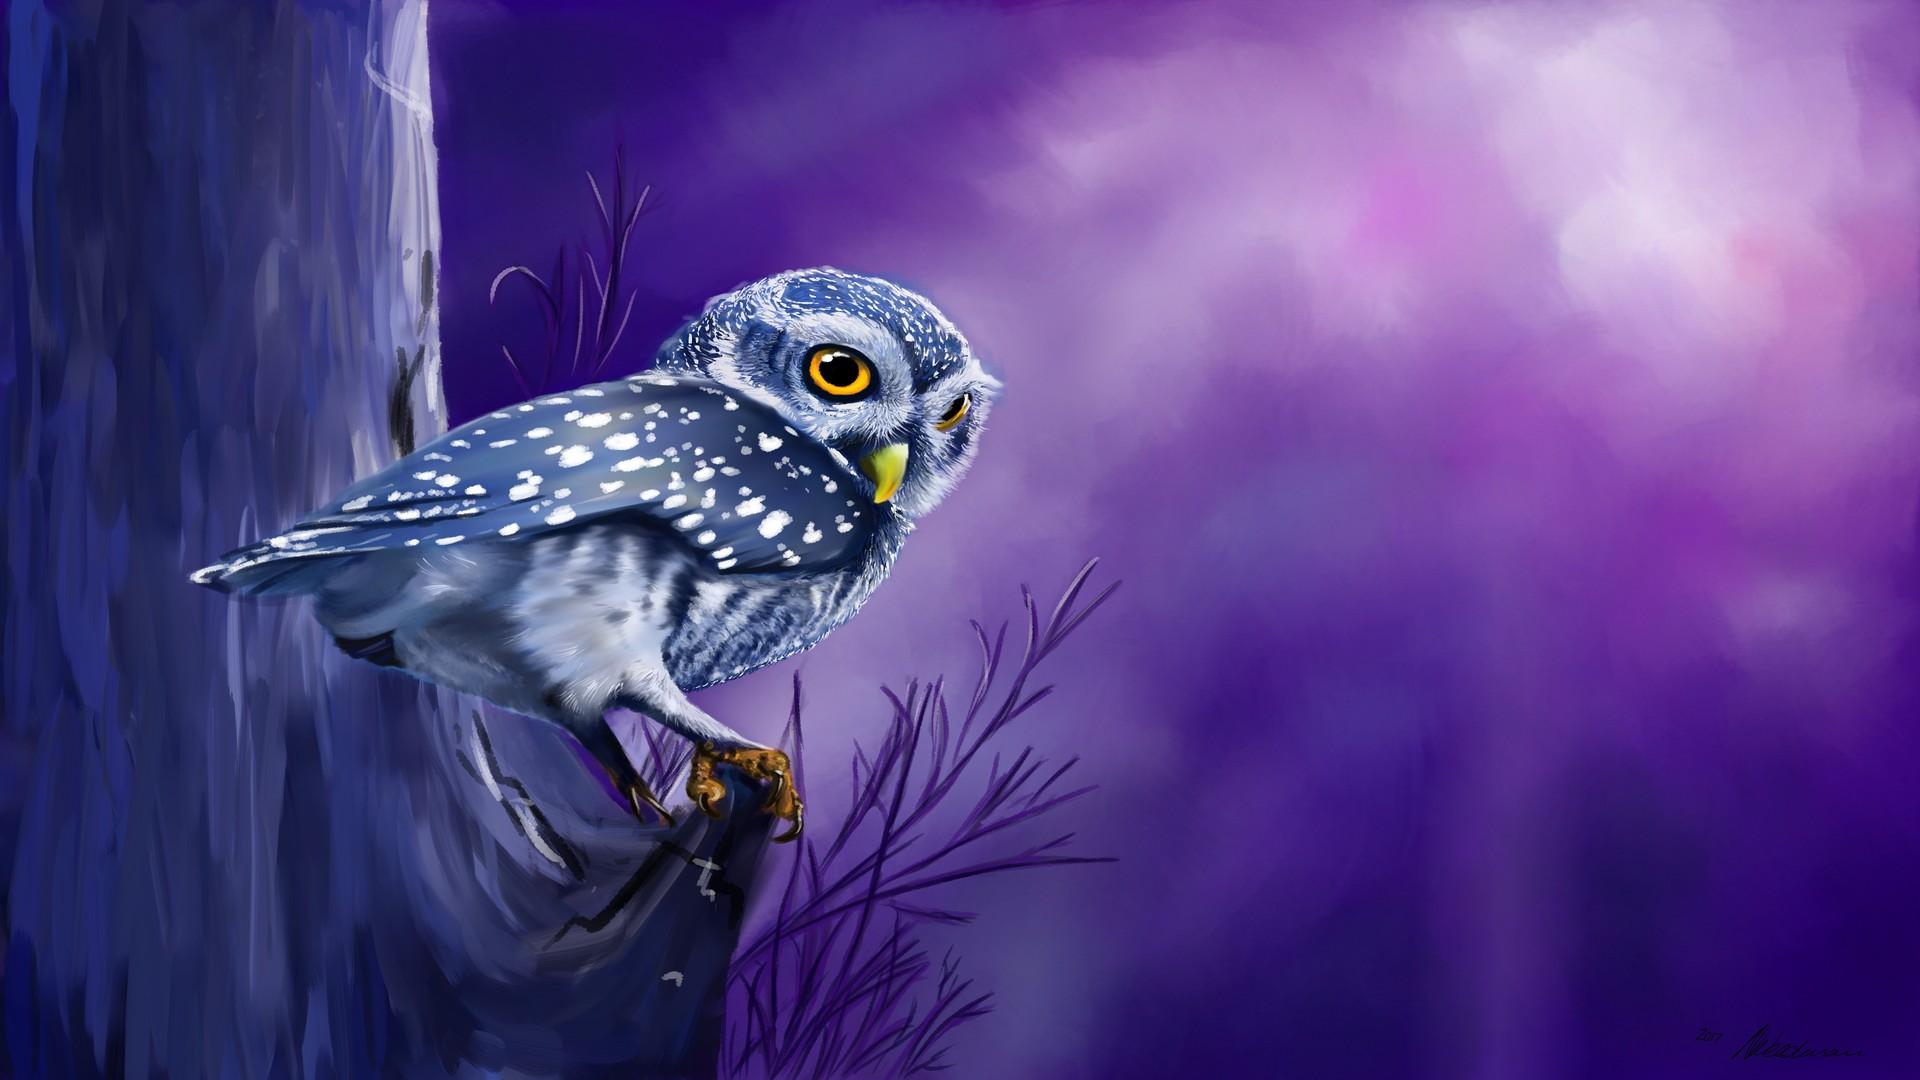 Wallpaper Owl bird, night, watch, art